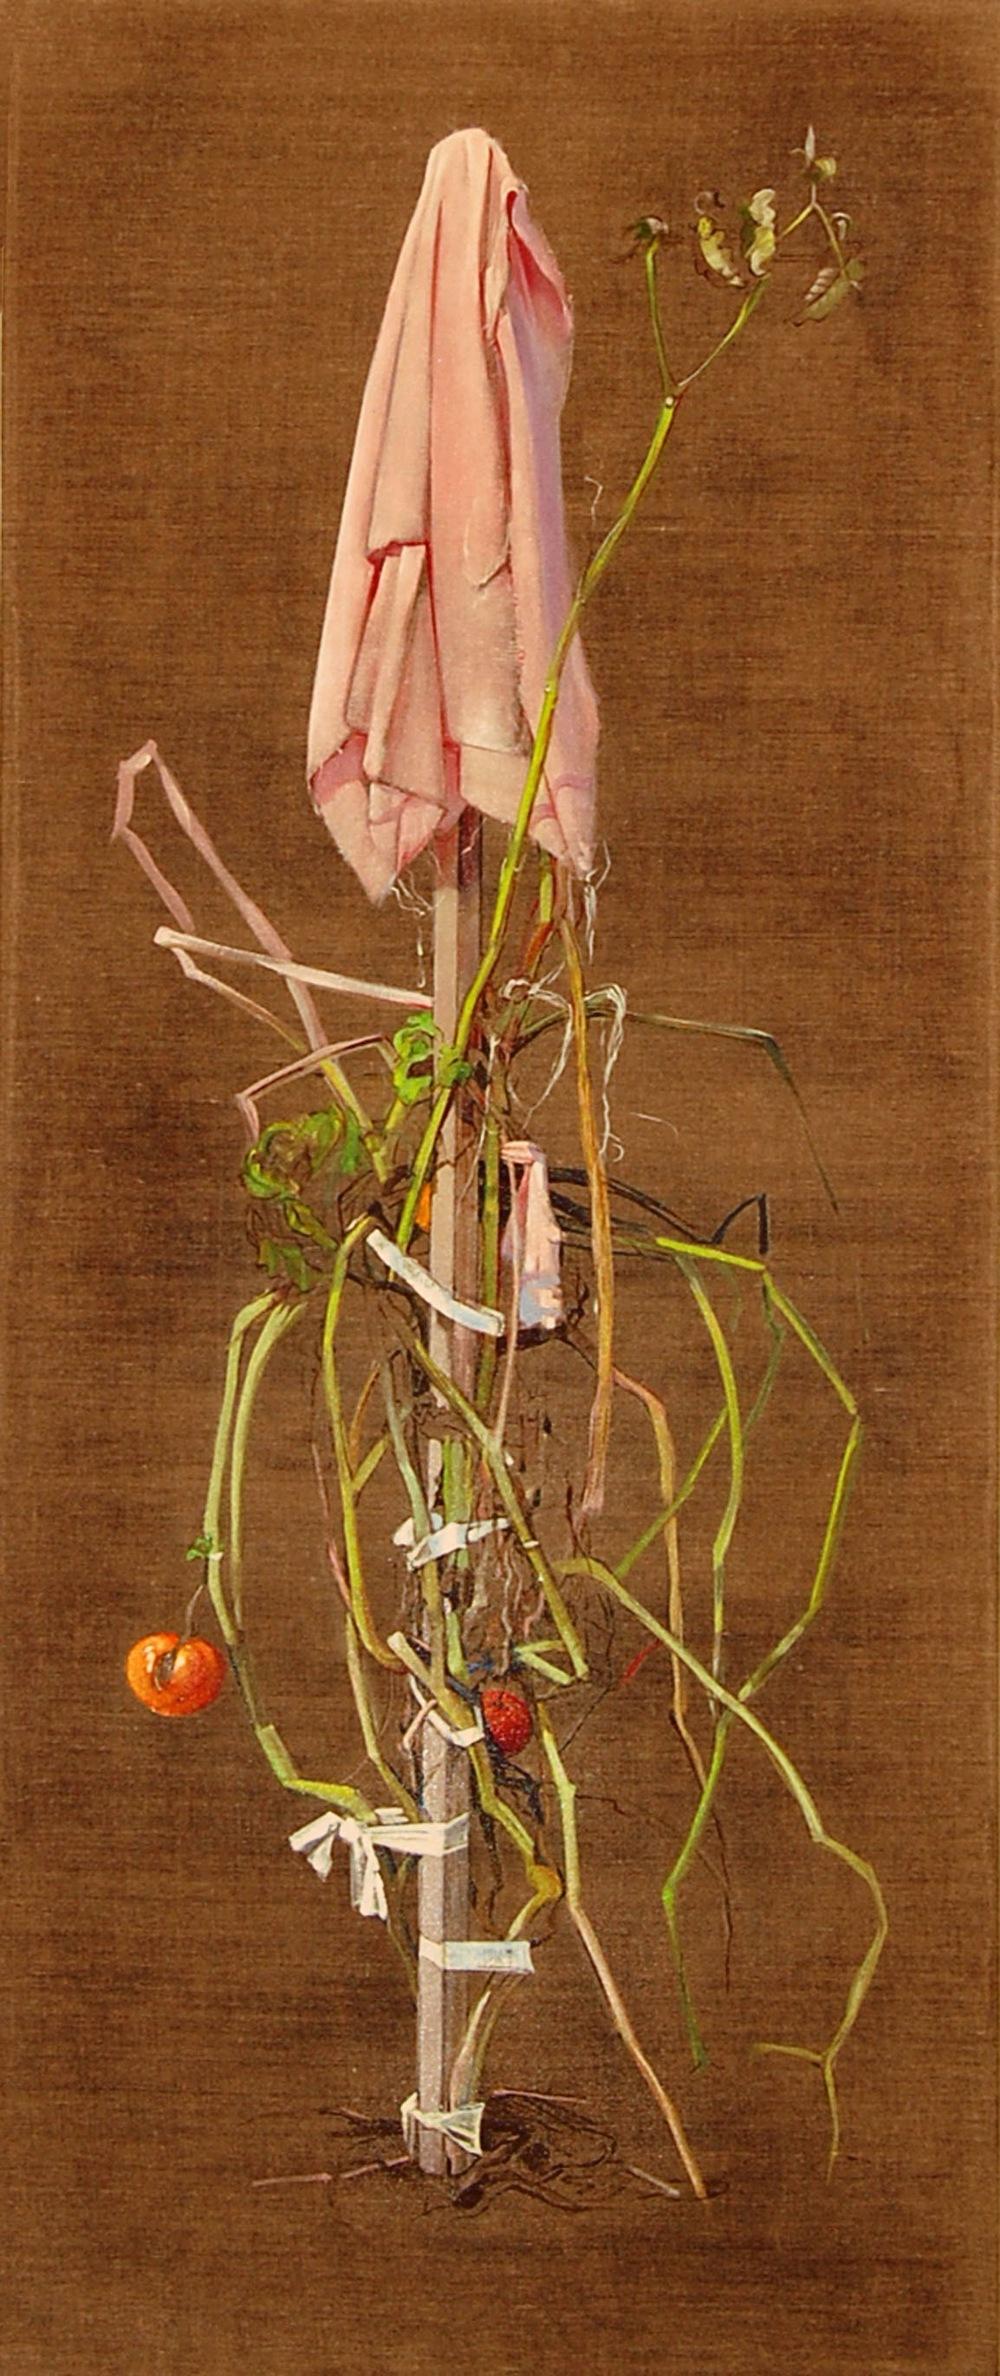 Tomato oil on linen 50x22, 2009